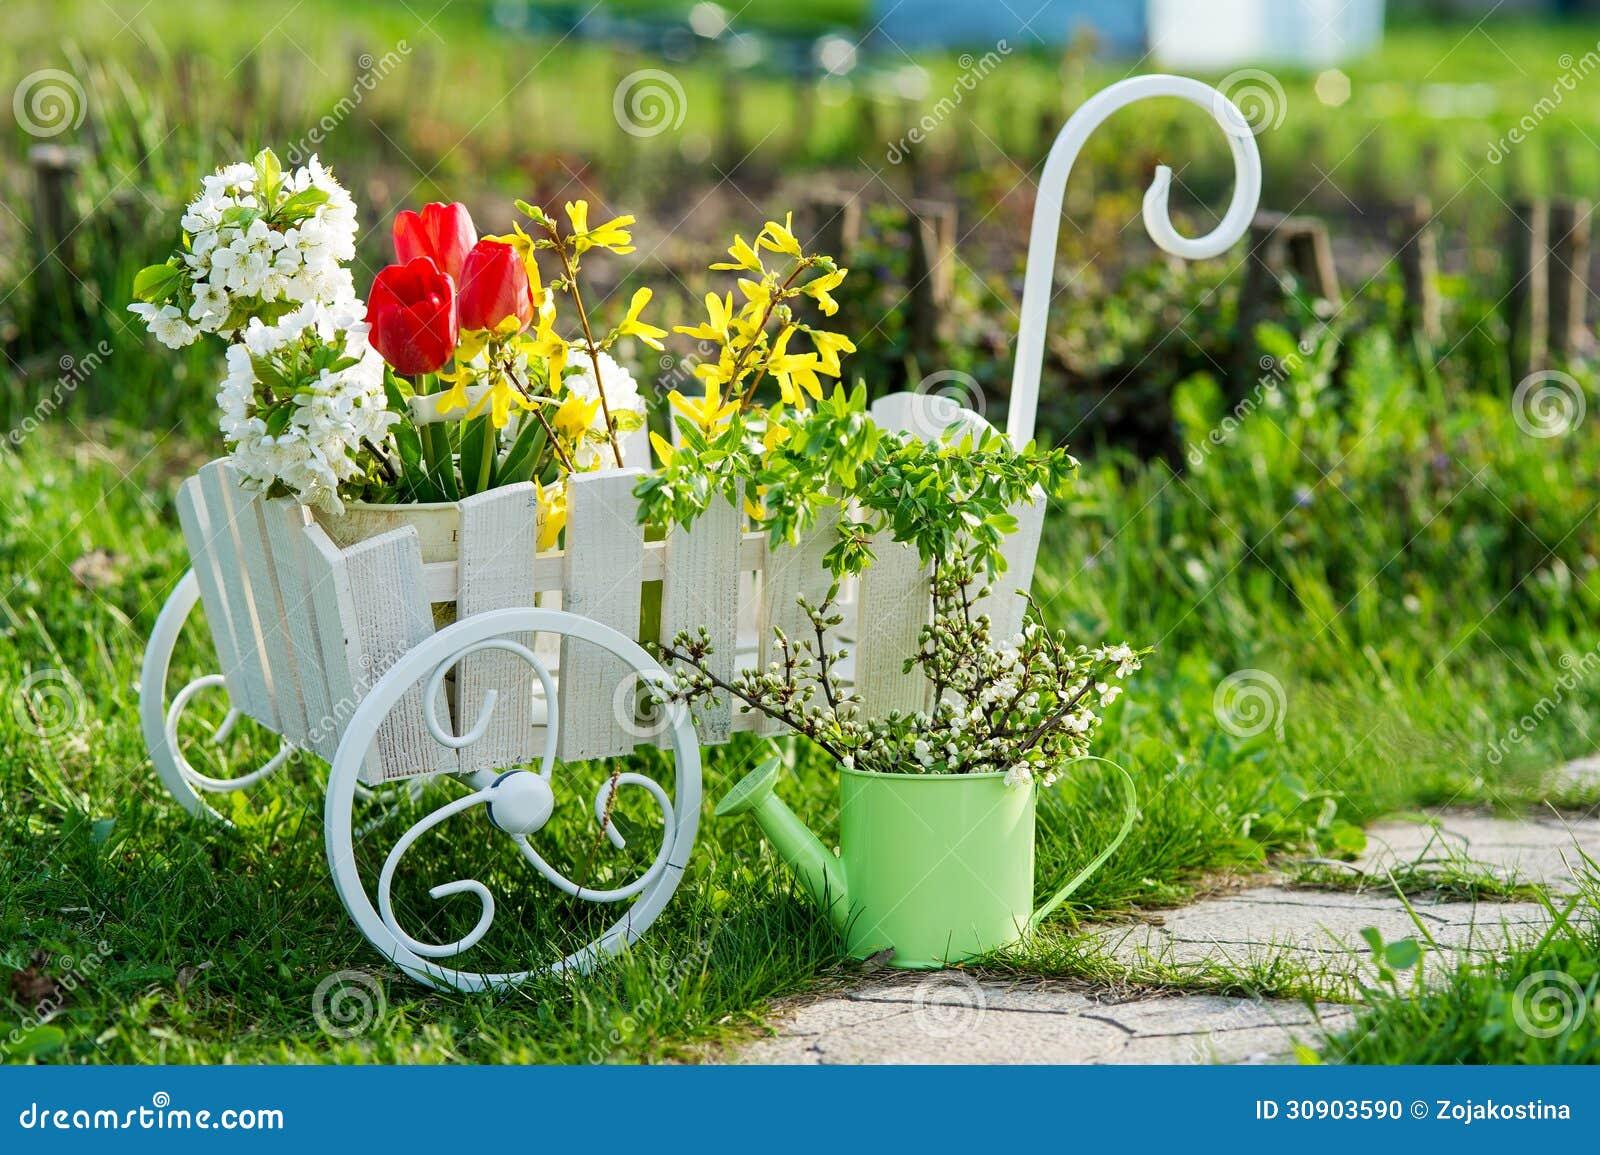 Brouette avec des fleurs dans le jardin photo stock for Fleurs dans le jardin